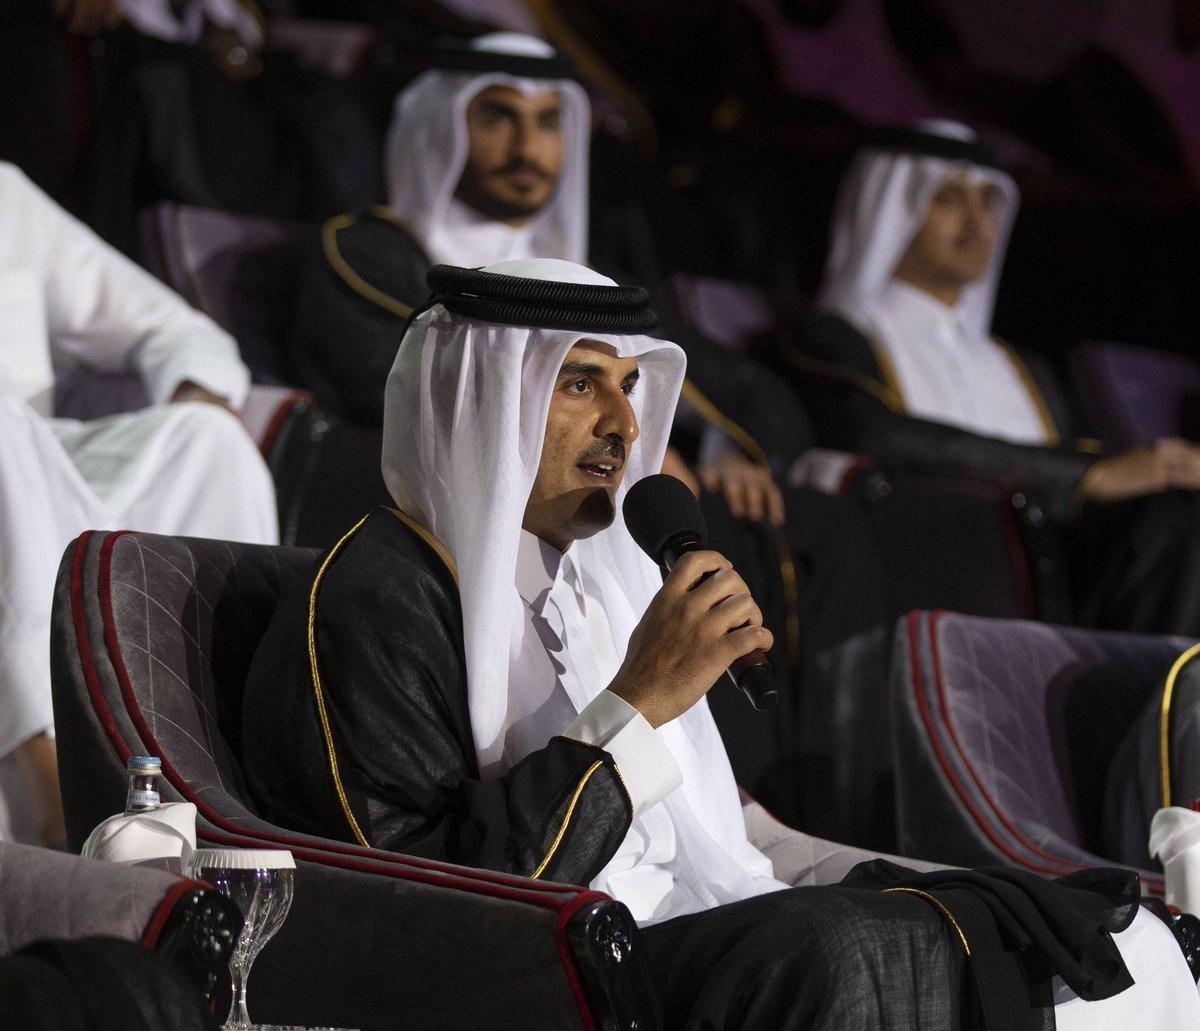 باسم كل قطري نرحب بالجميع في دوحة الجميع #خليجي24